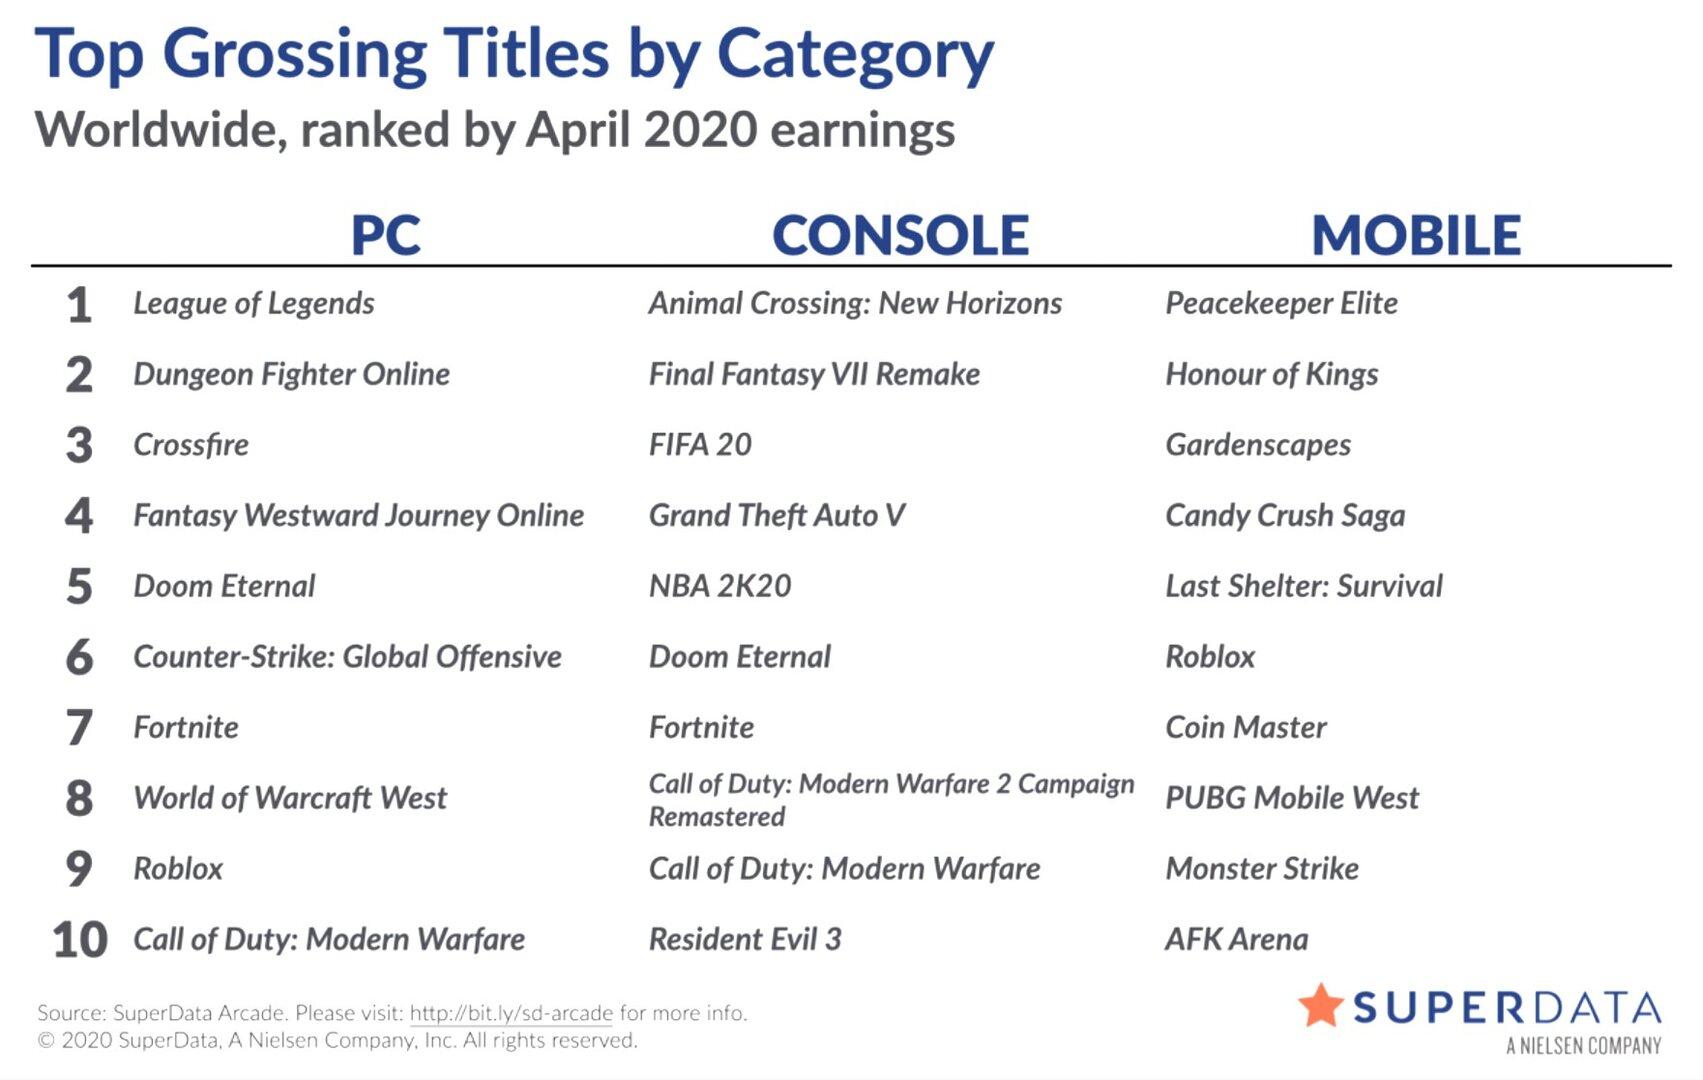 Liste der digital umsatzstärksten Videospiele im April 2020